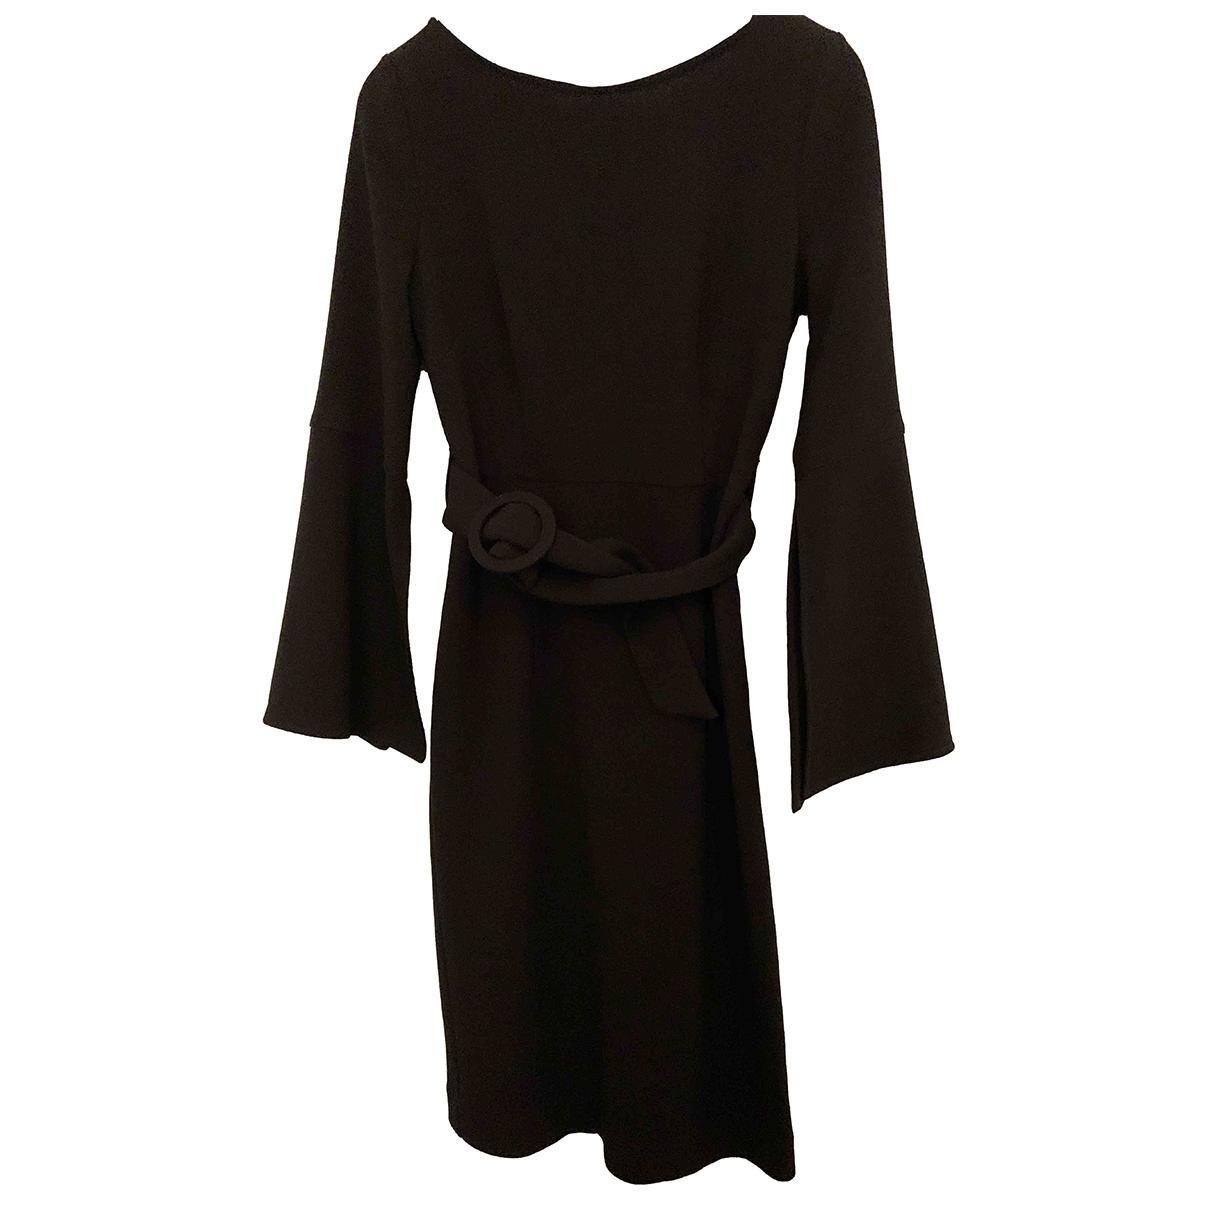 Parosh \N Kleid in  Schwarz Wolle